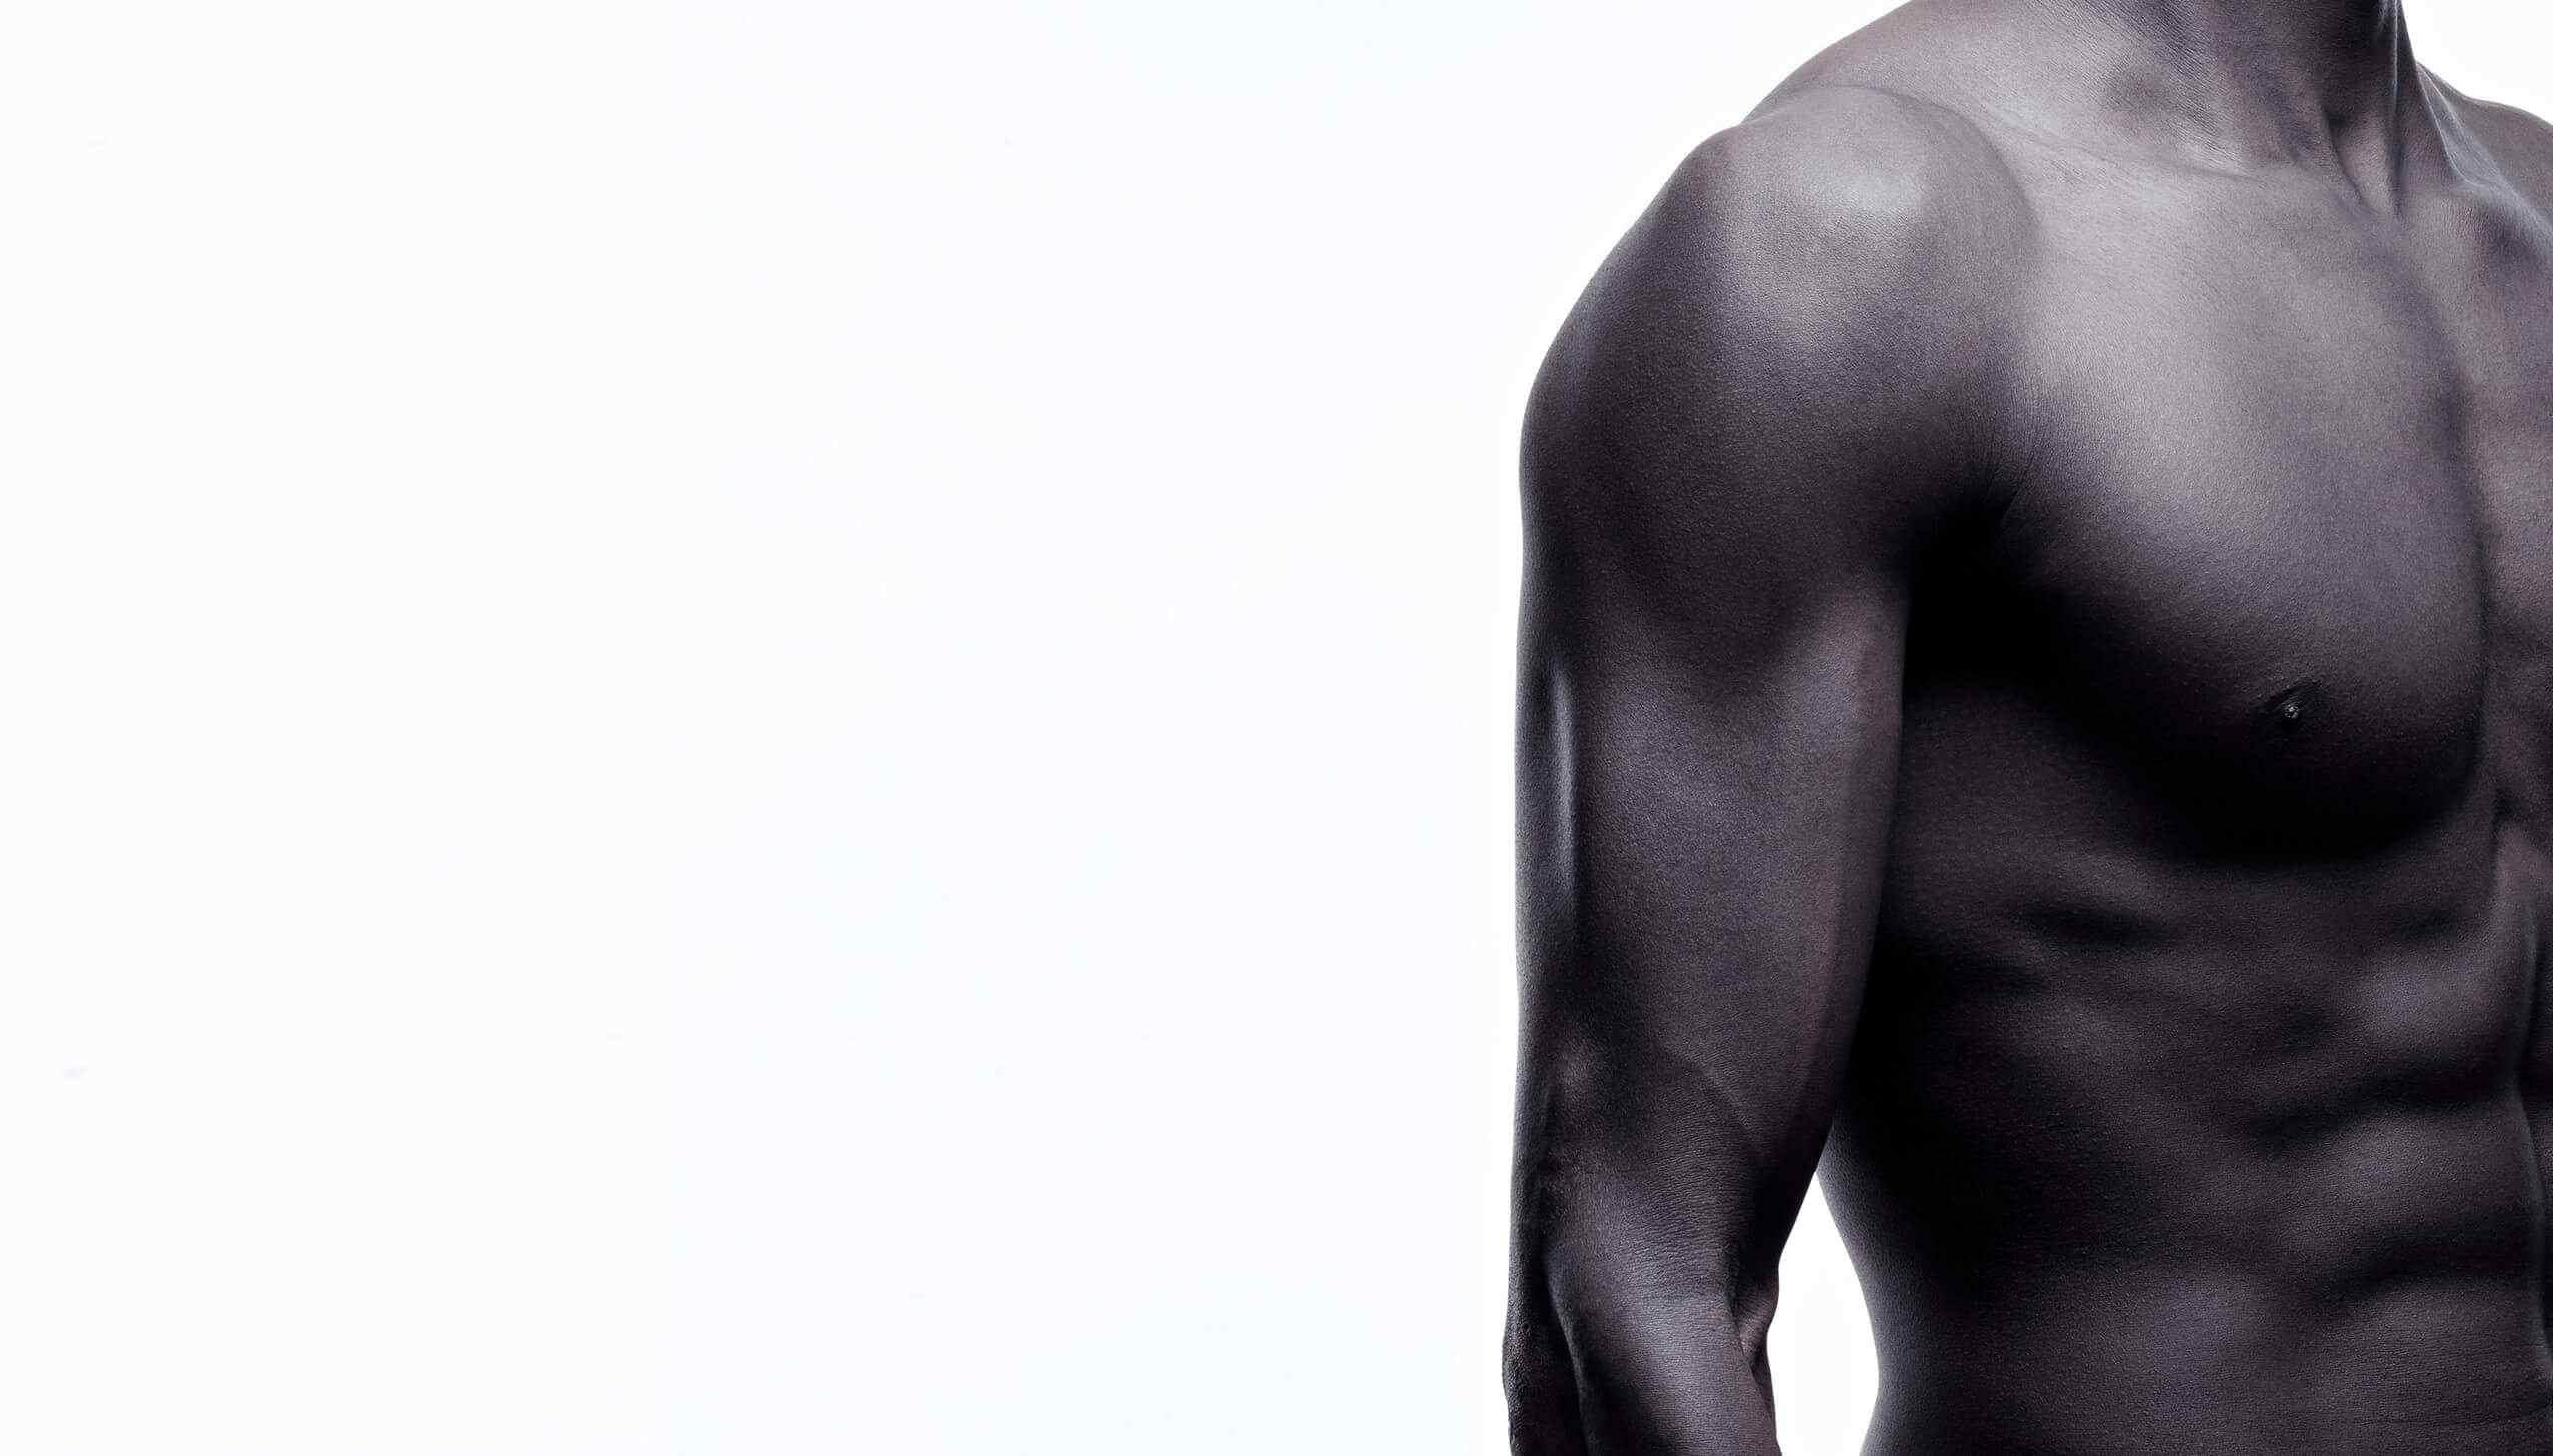 Athletic shoulder - front/side